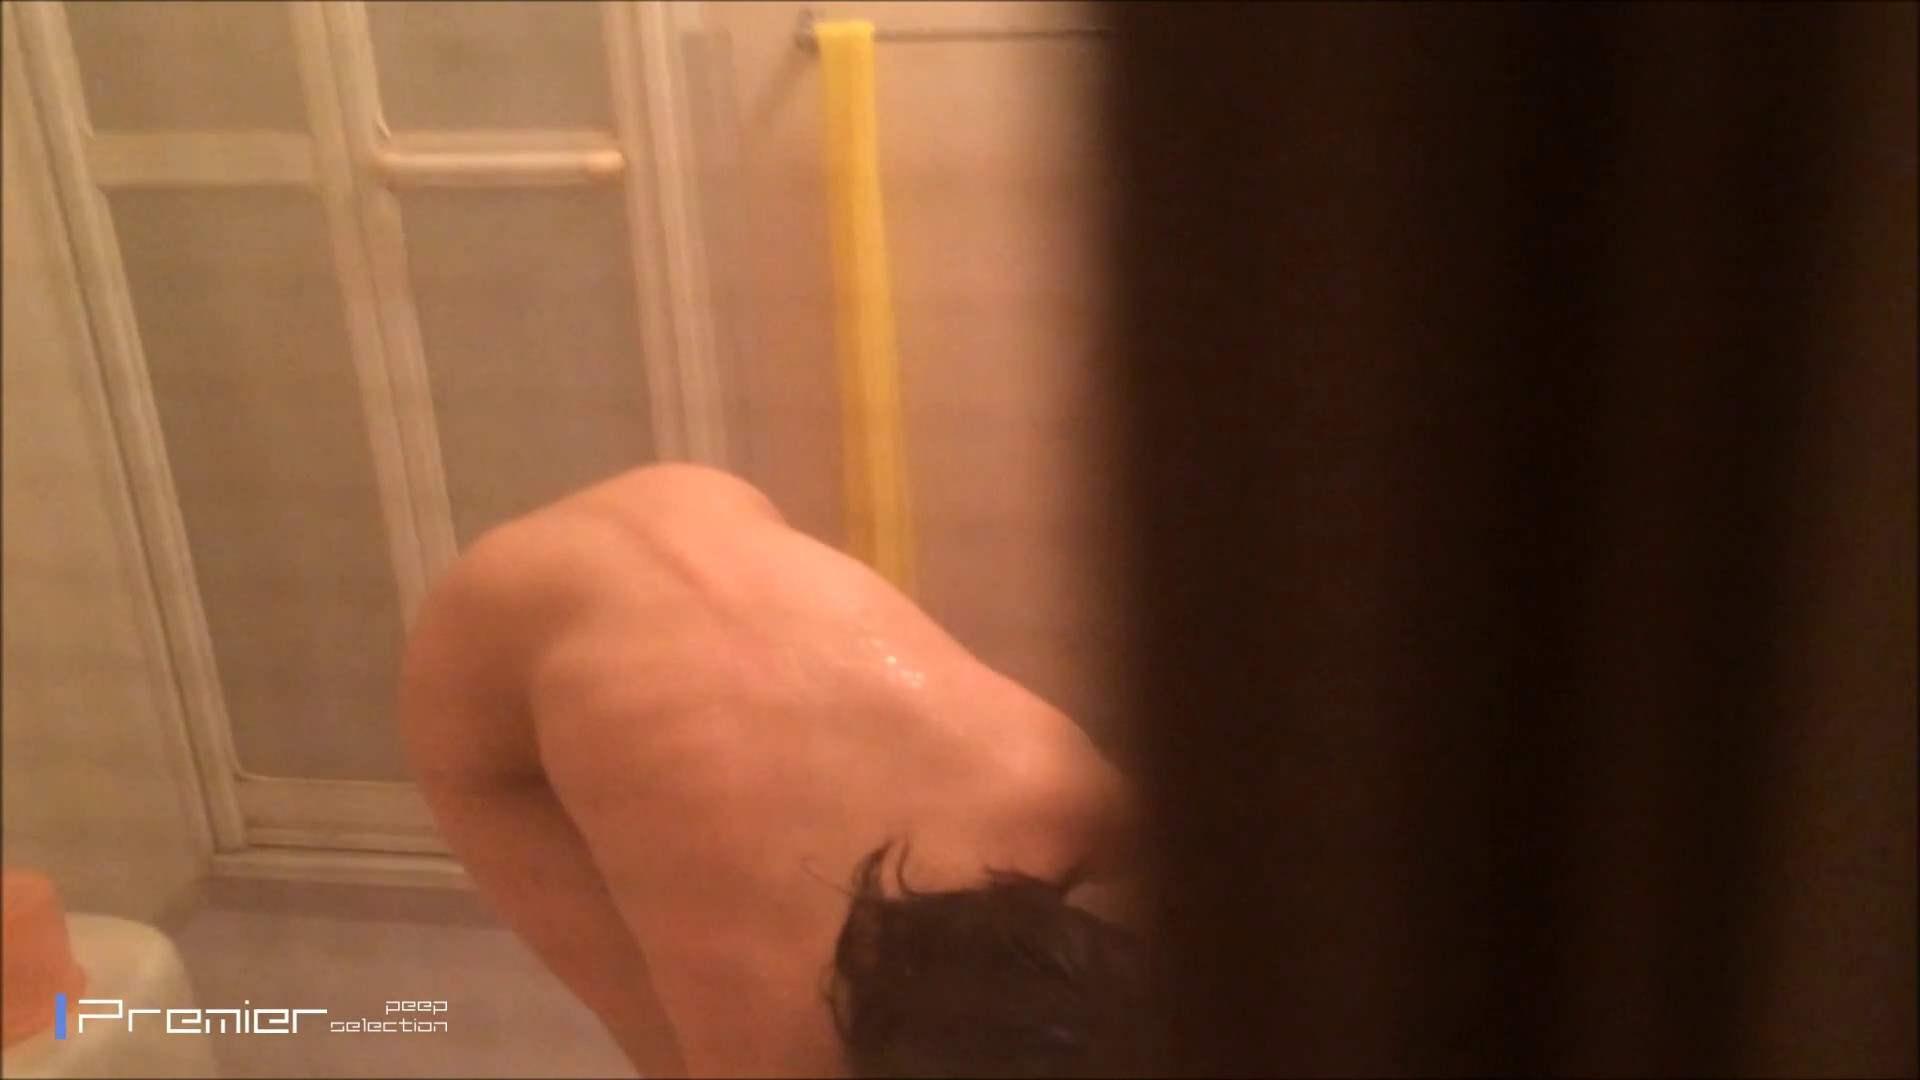 シャワーのお湯を跳ね返すお肌 乙女の風呂場 Vol.03 モデルコレクション | 乙女達のヌード  44連発 38